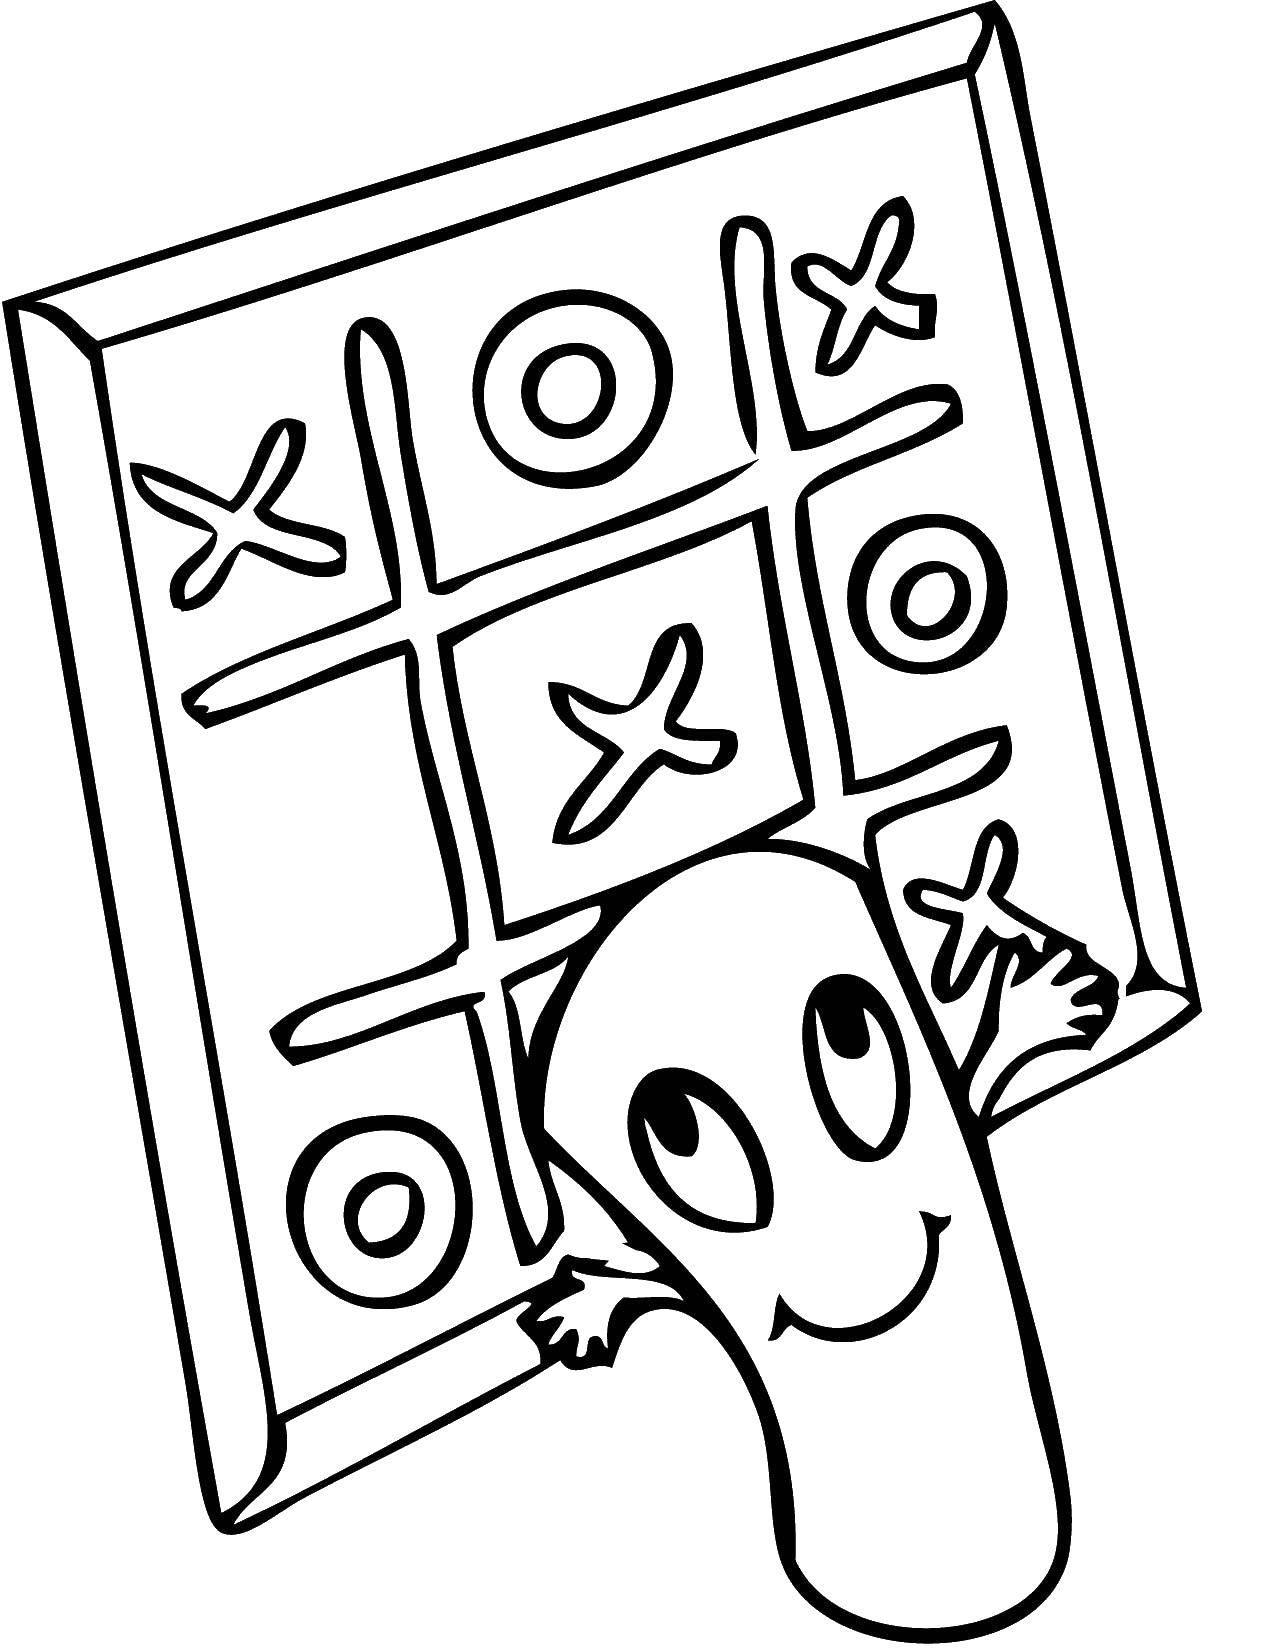 Раскраска Игра в крести нолики Скачать игра, крестики, нолики.  Распечатать ,игры,